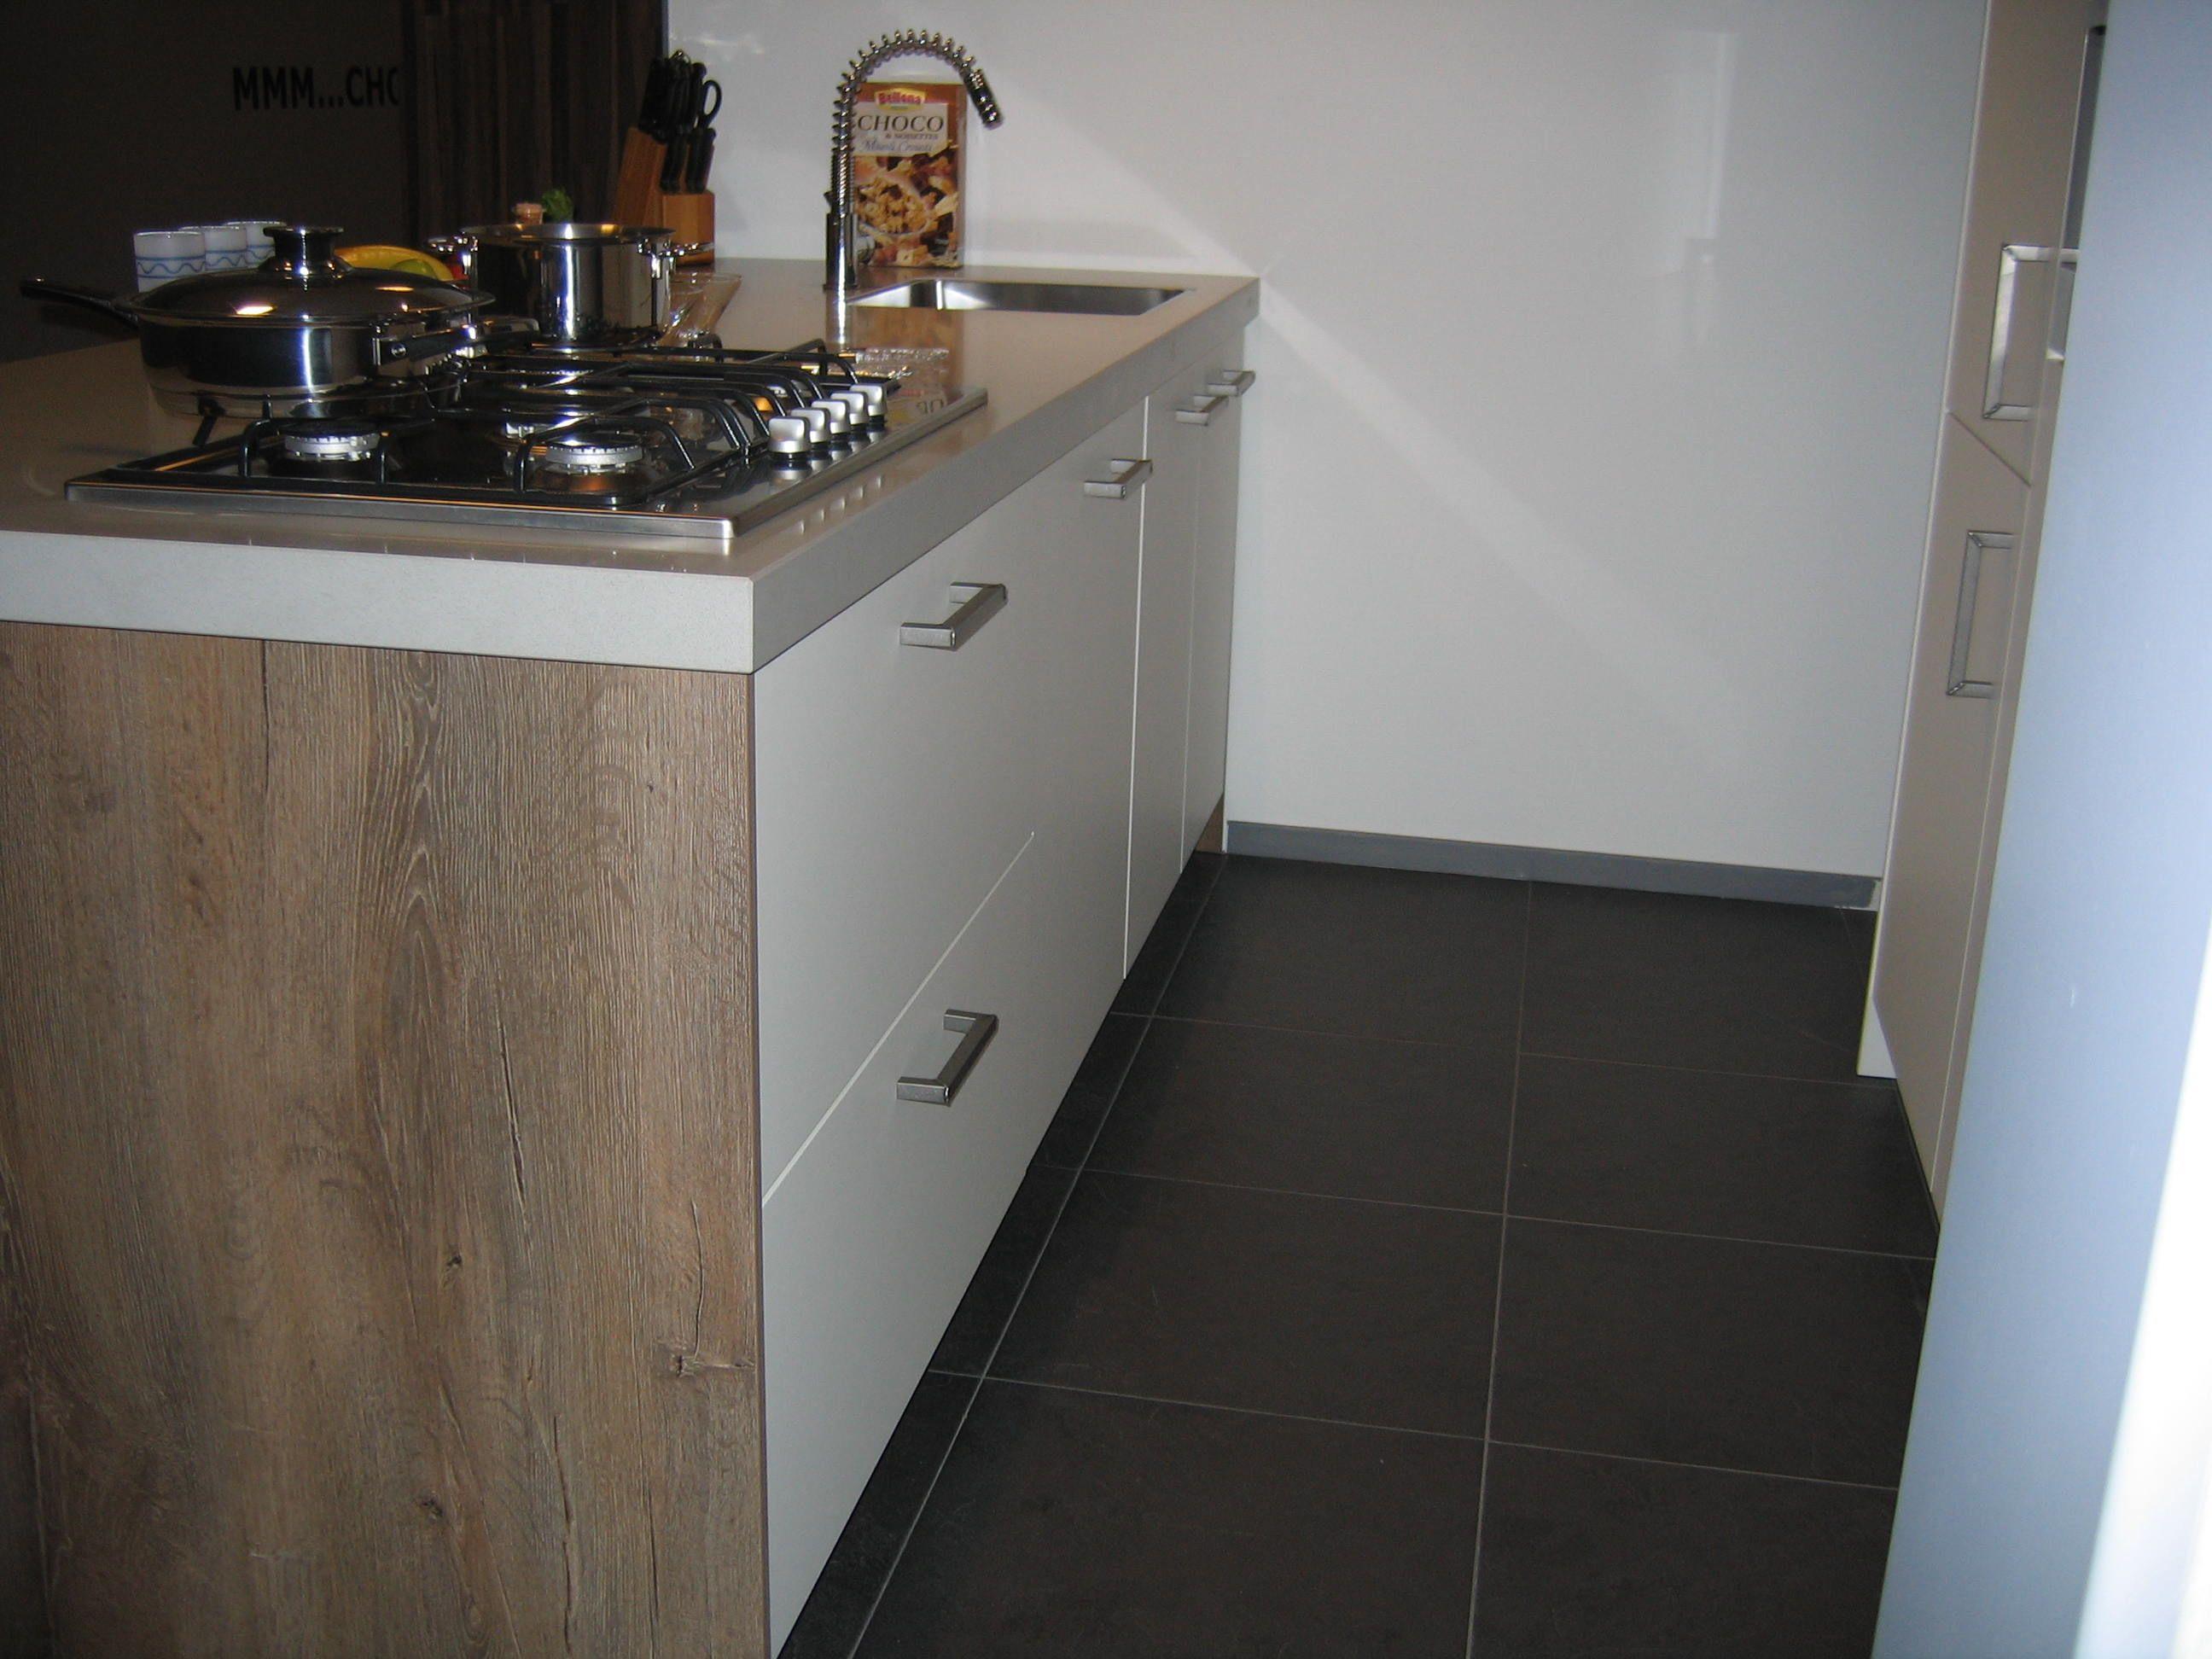 Keuken Strak Modern : Keuken Modern Strak : keukens voor zeer lage keuken prijzen Modern